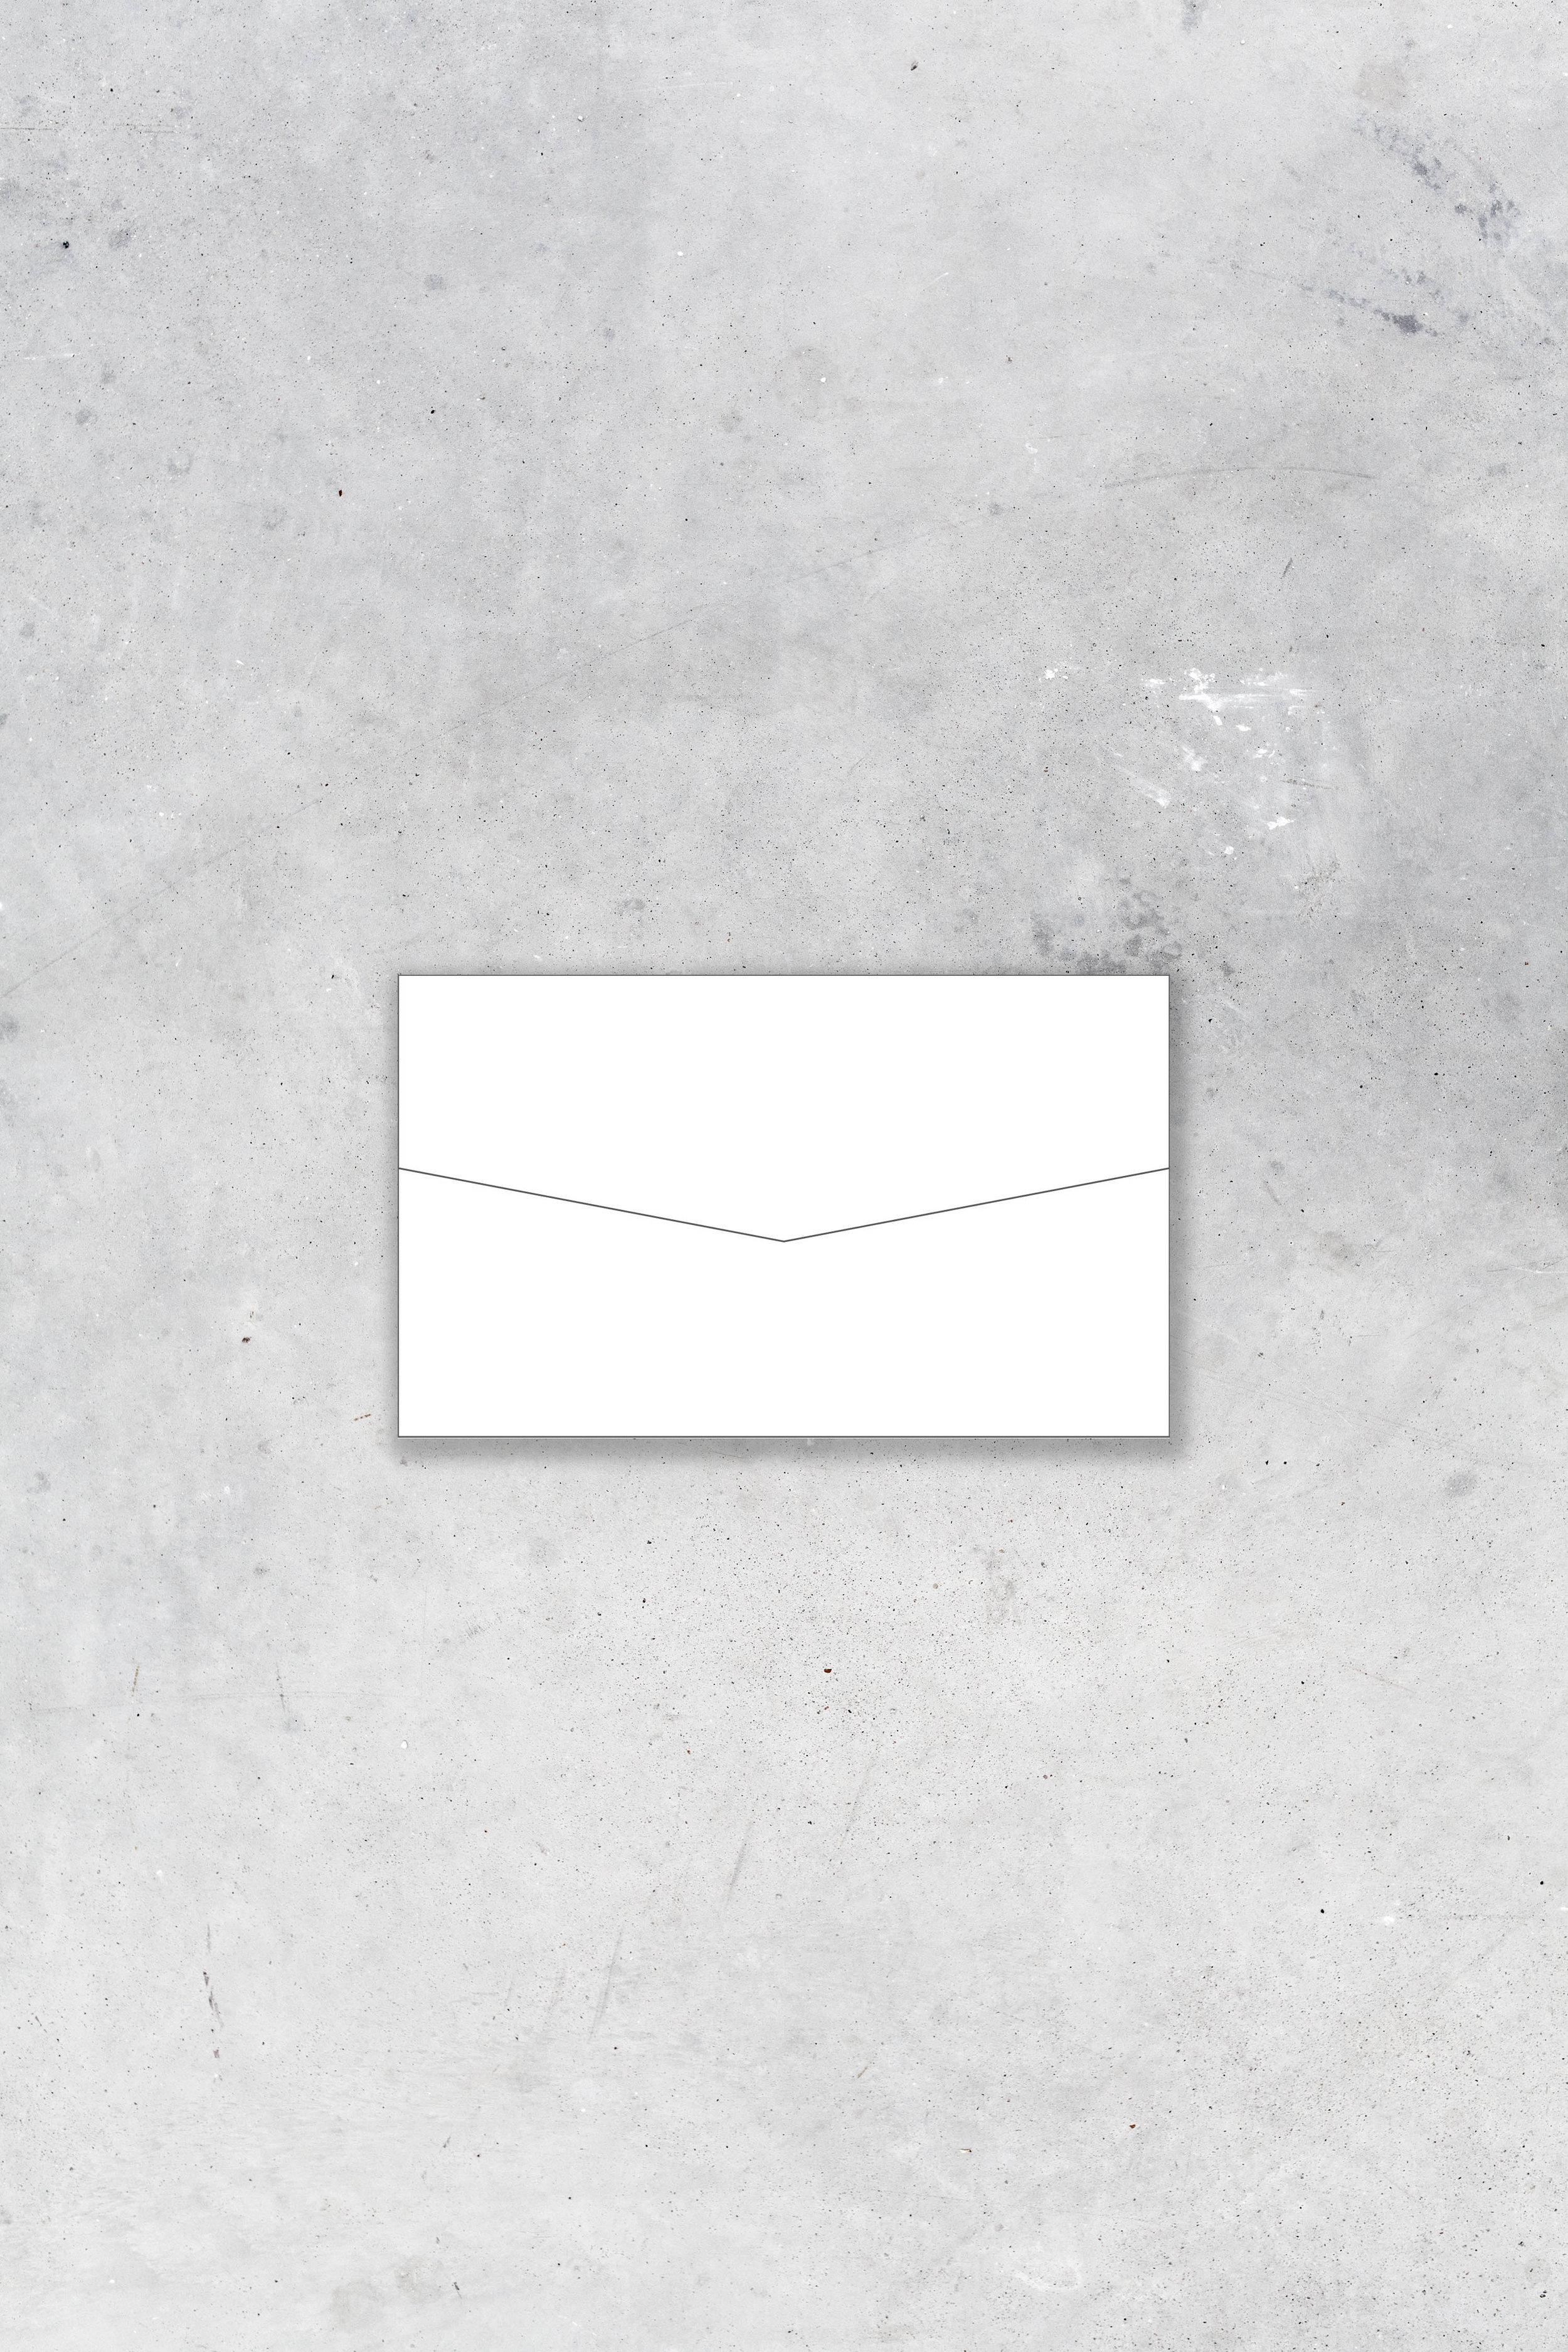 R.S.V.P. Envelope Option 2 - Back